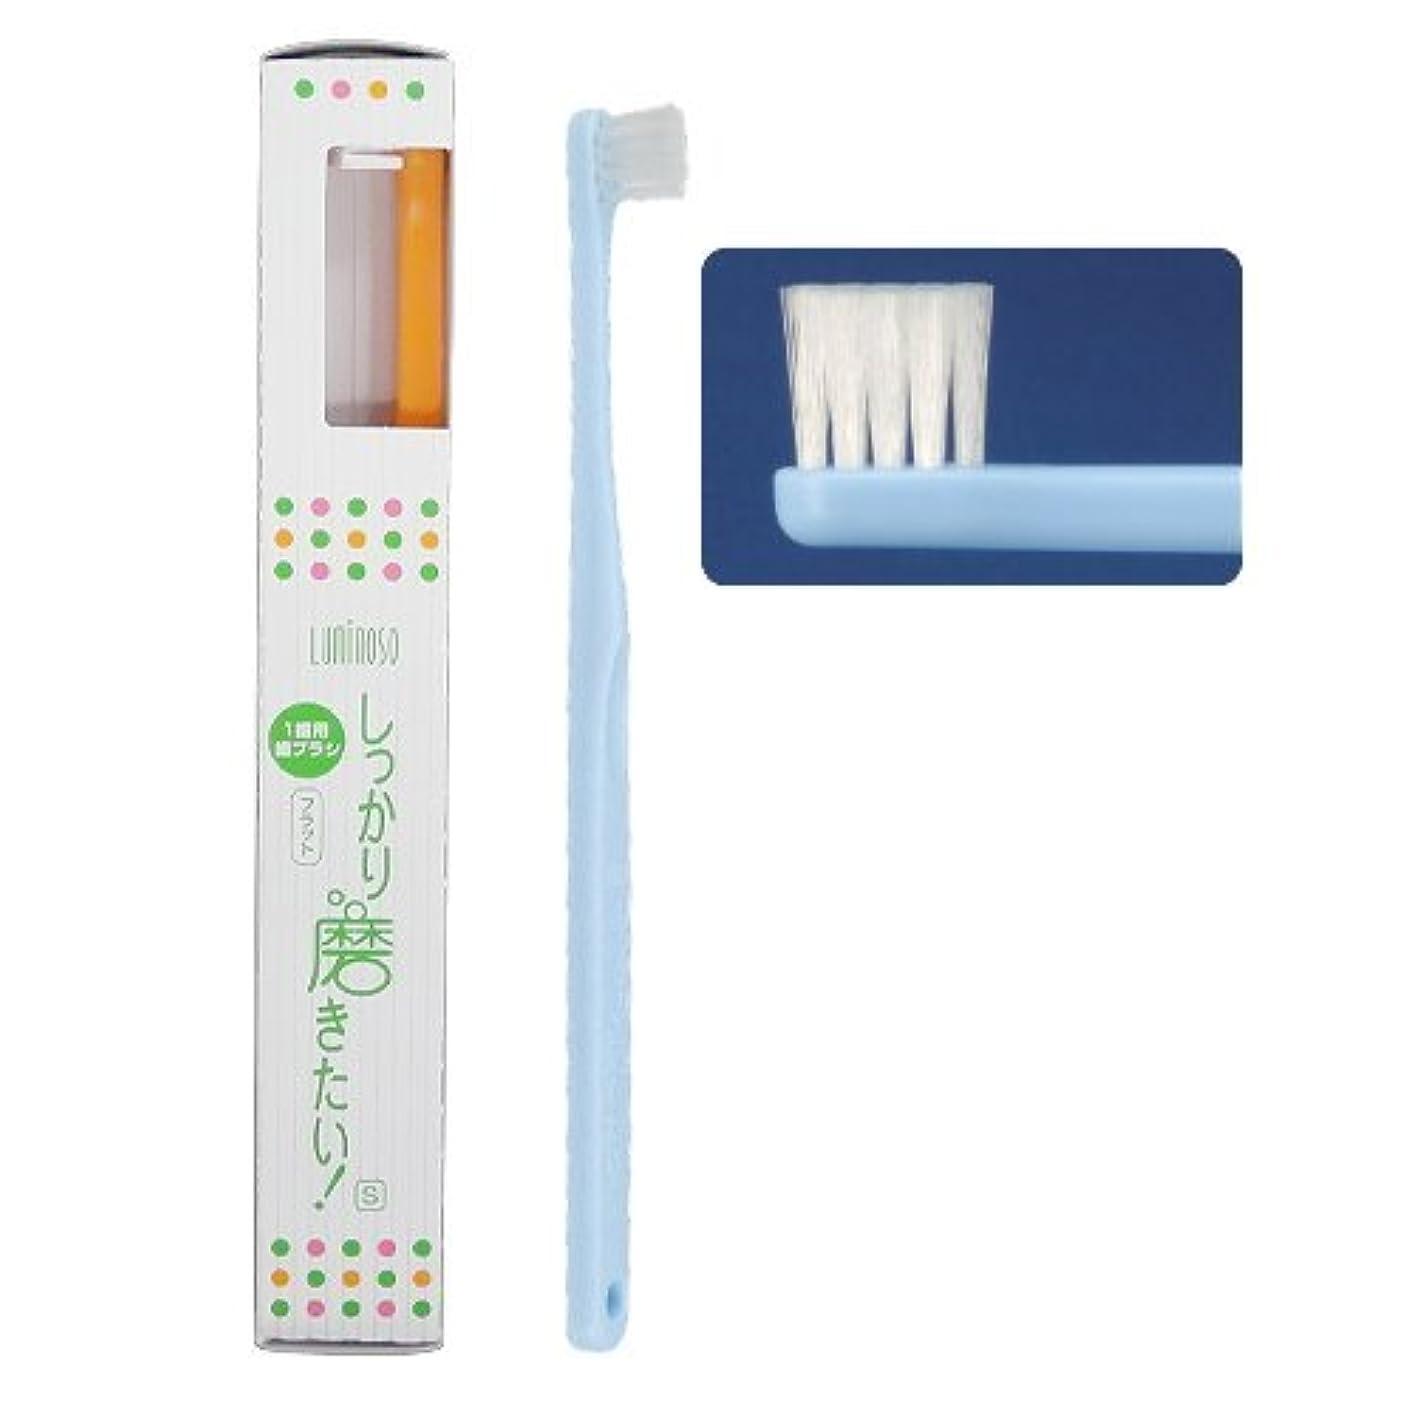 好奇心ファイバ森林ルミノソ 1歯用歯ブラシ 「しっかり磨きたい!」 フラット ソフト (カラー指定不可) 3本